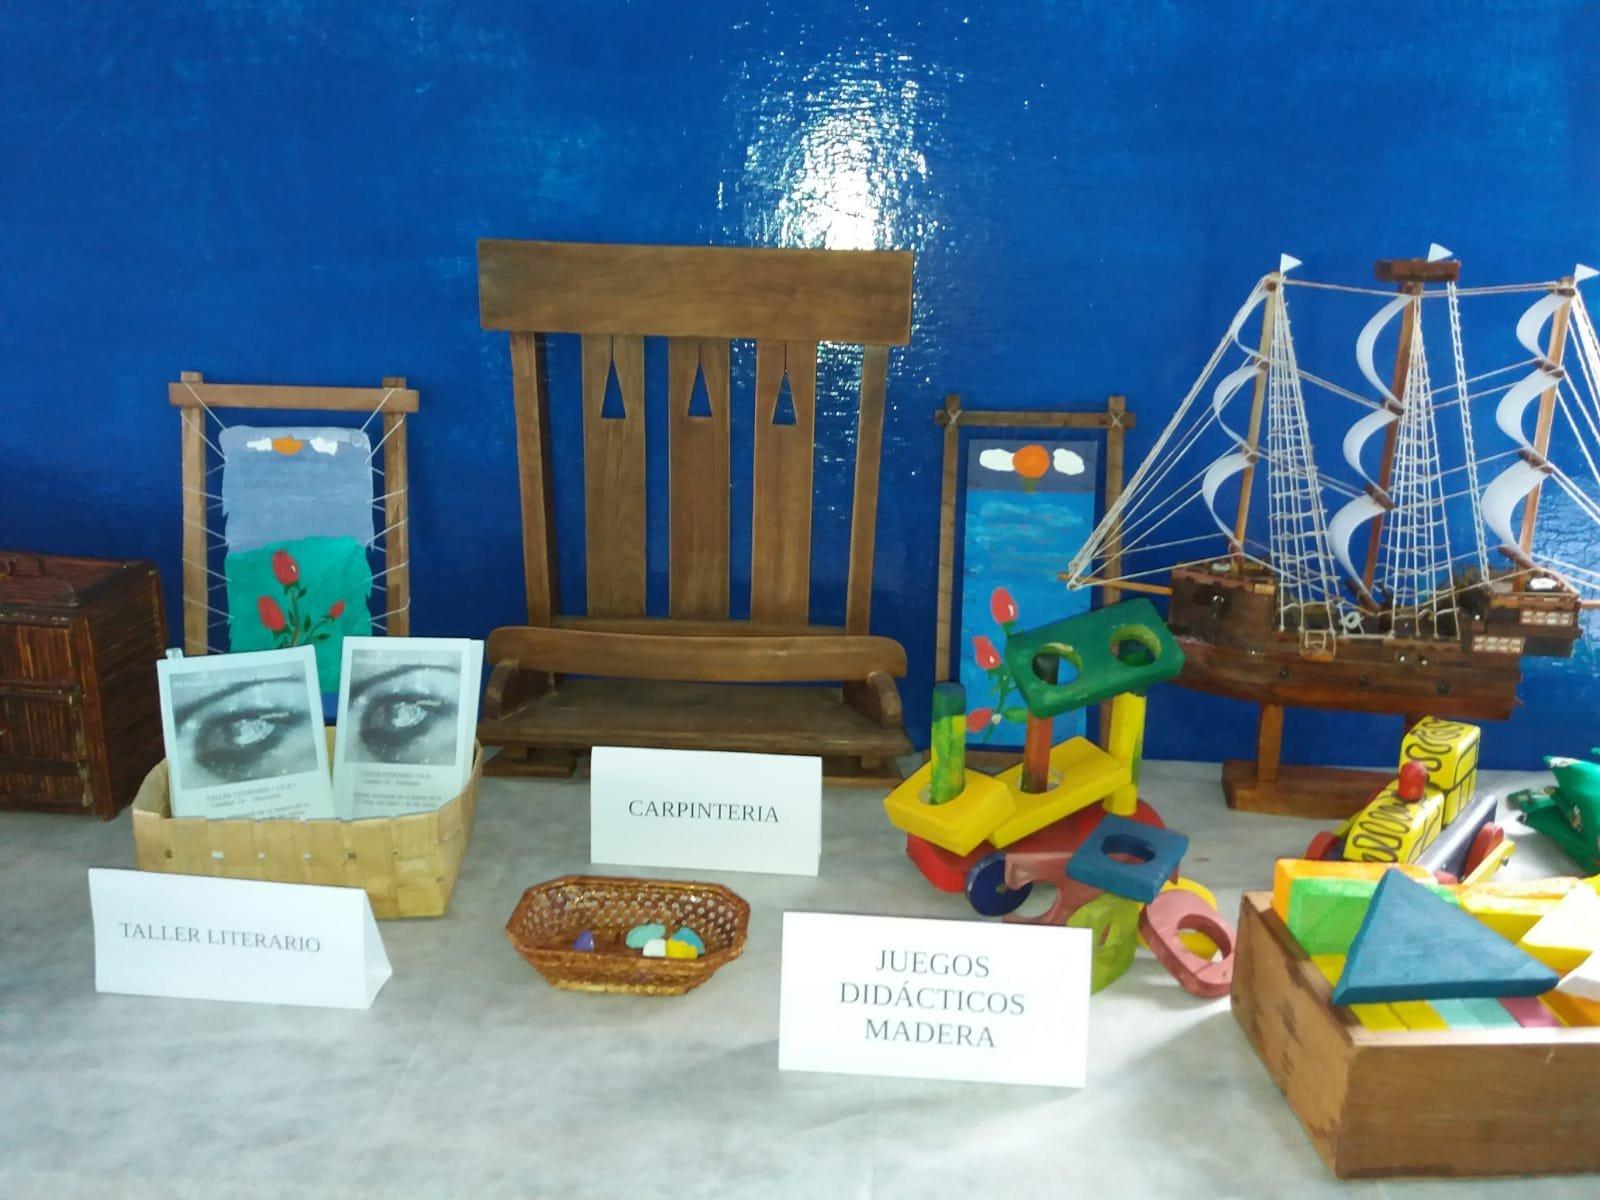 Artesanías y objetos elaborados por personas privadas de libertad en la Unidad N° 18 del Instituto Nacional de Rehabilitación de Uruguay